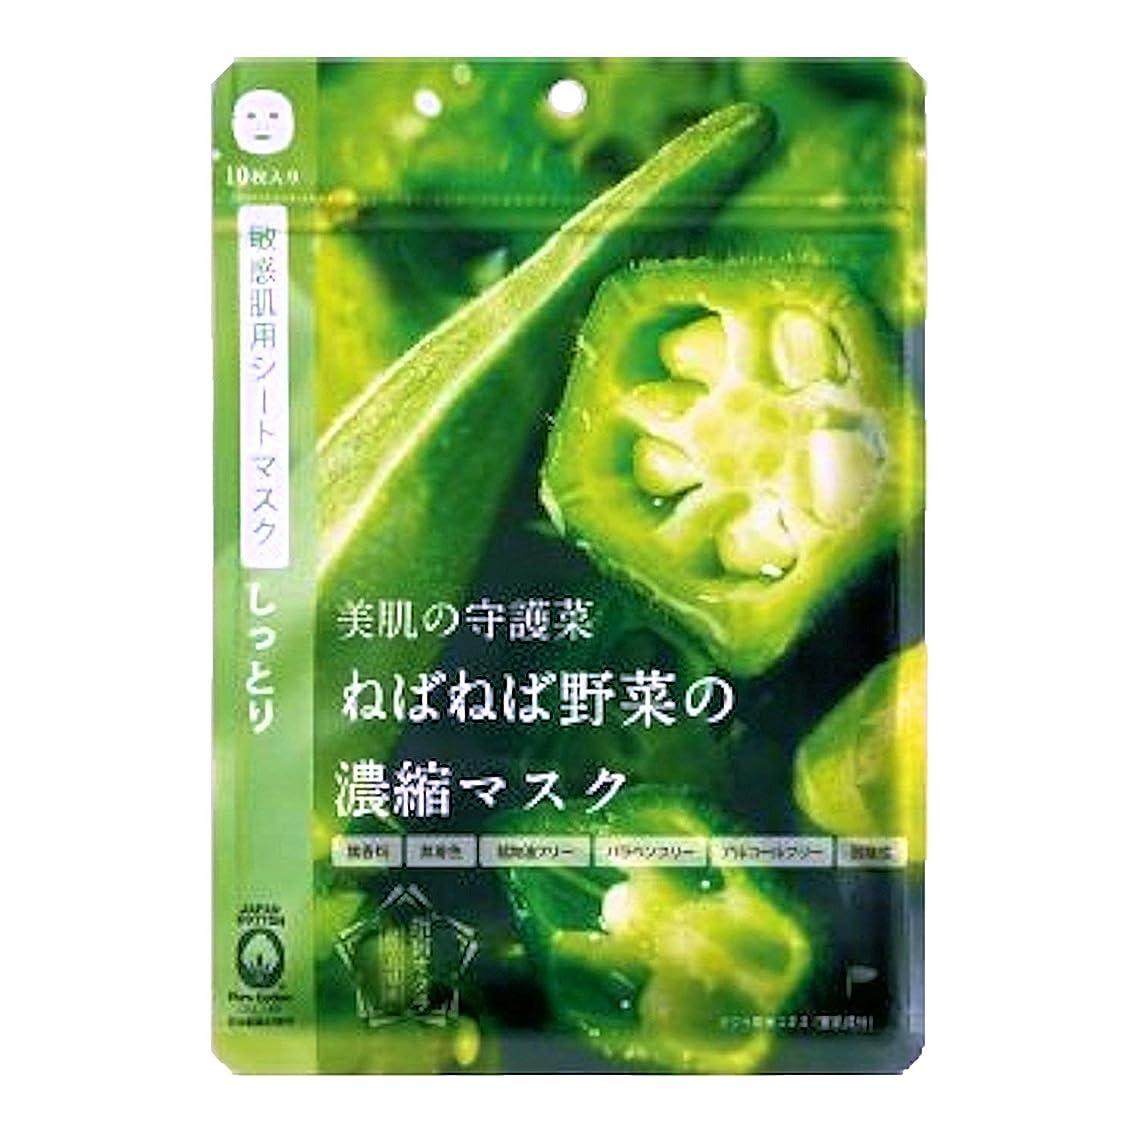 速度ホーンジャケット@cosme nippon 美肌の守護菜 ねばねば野菜の濃縮マスク 指宿オクラ 10枚入り 160ml